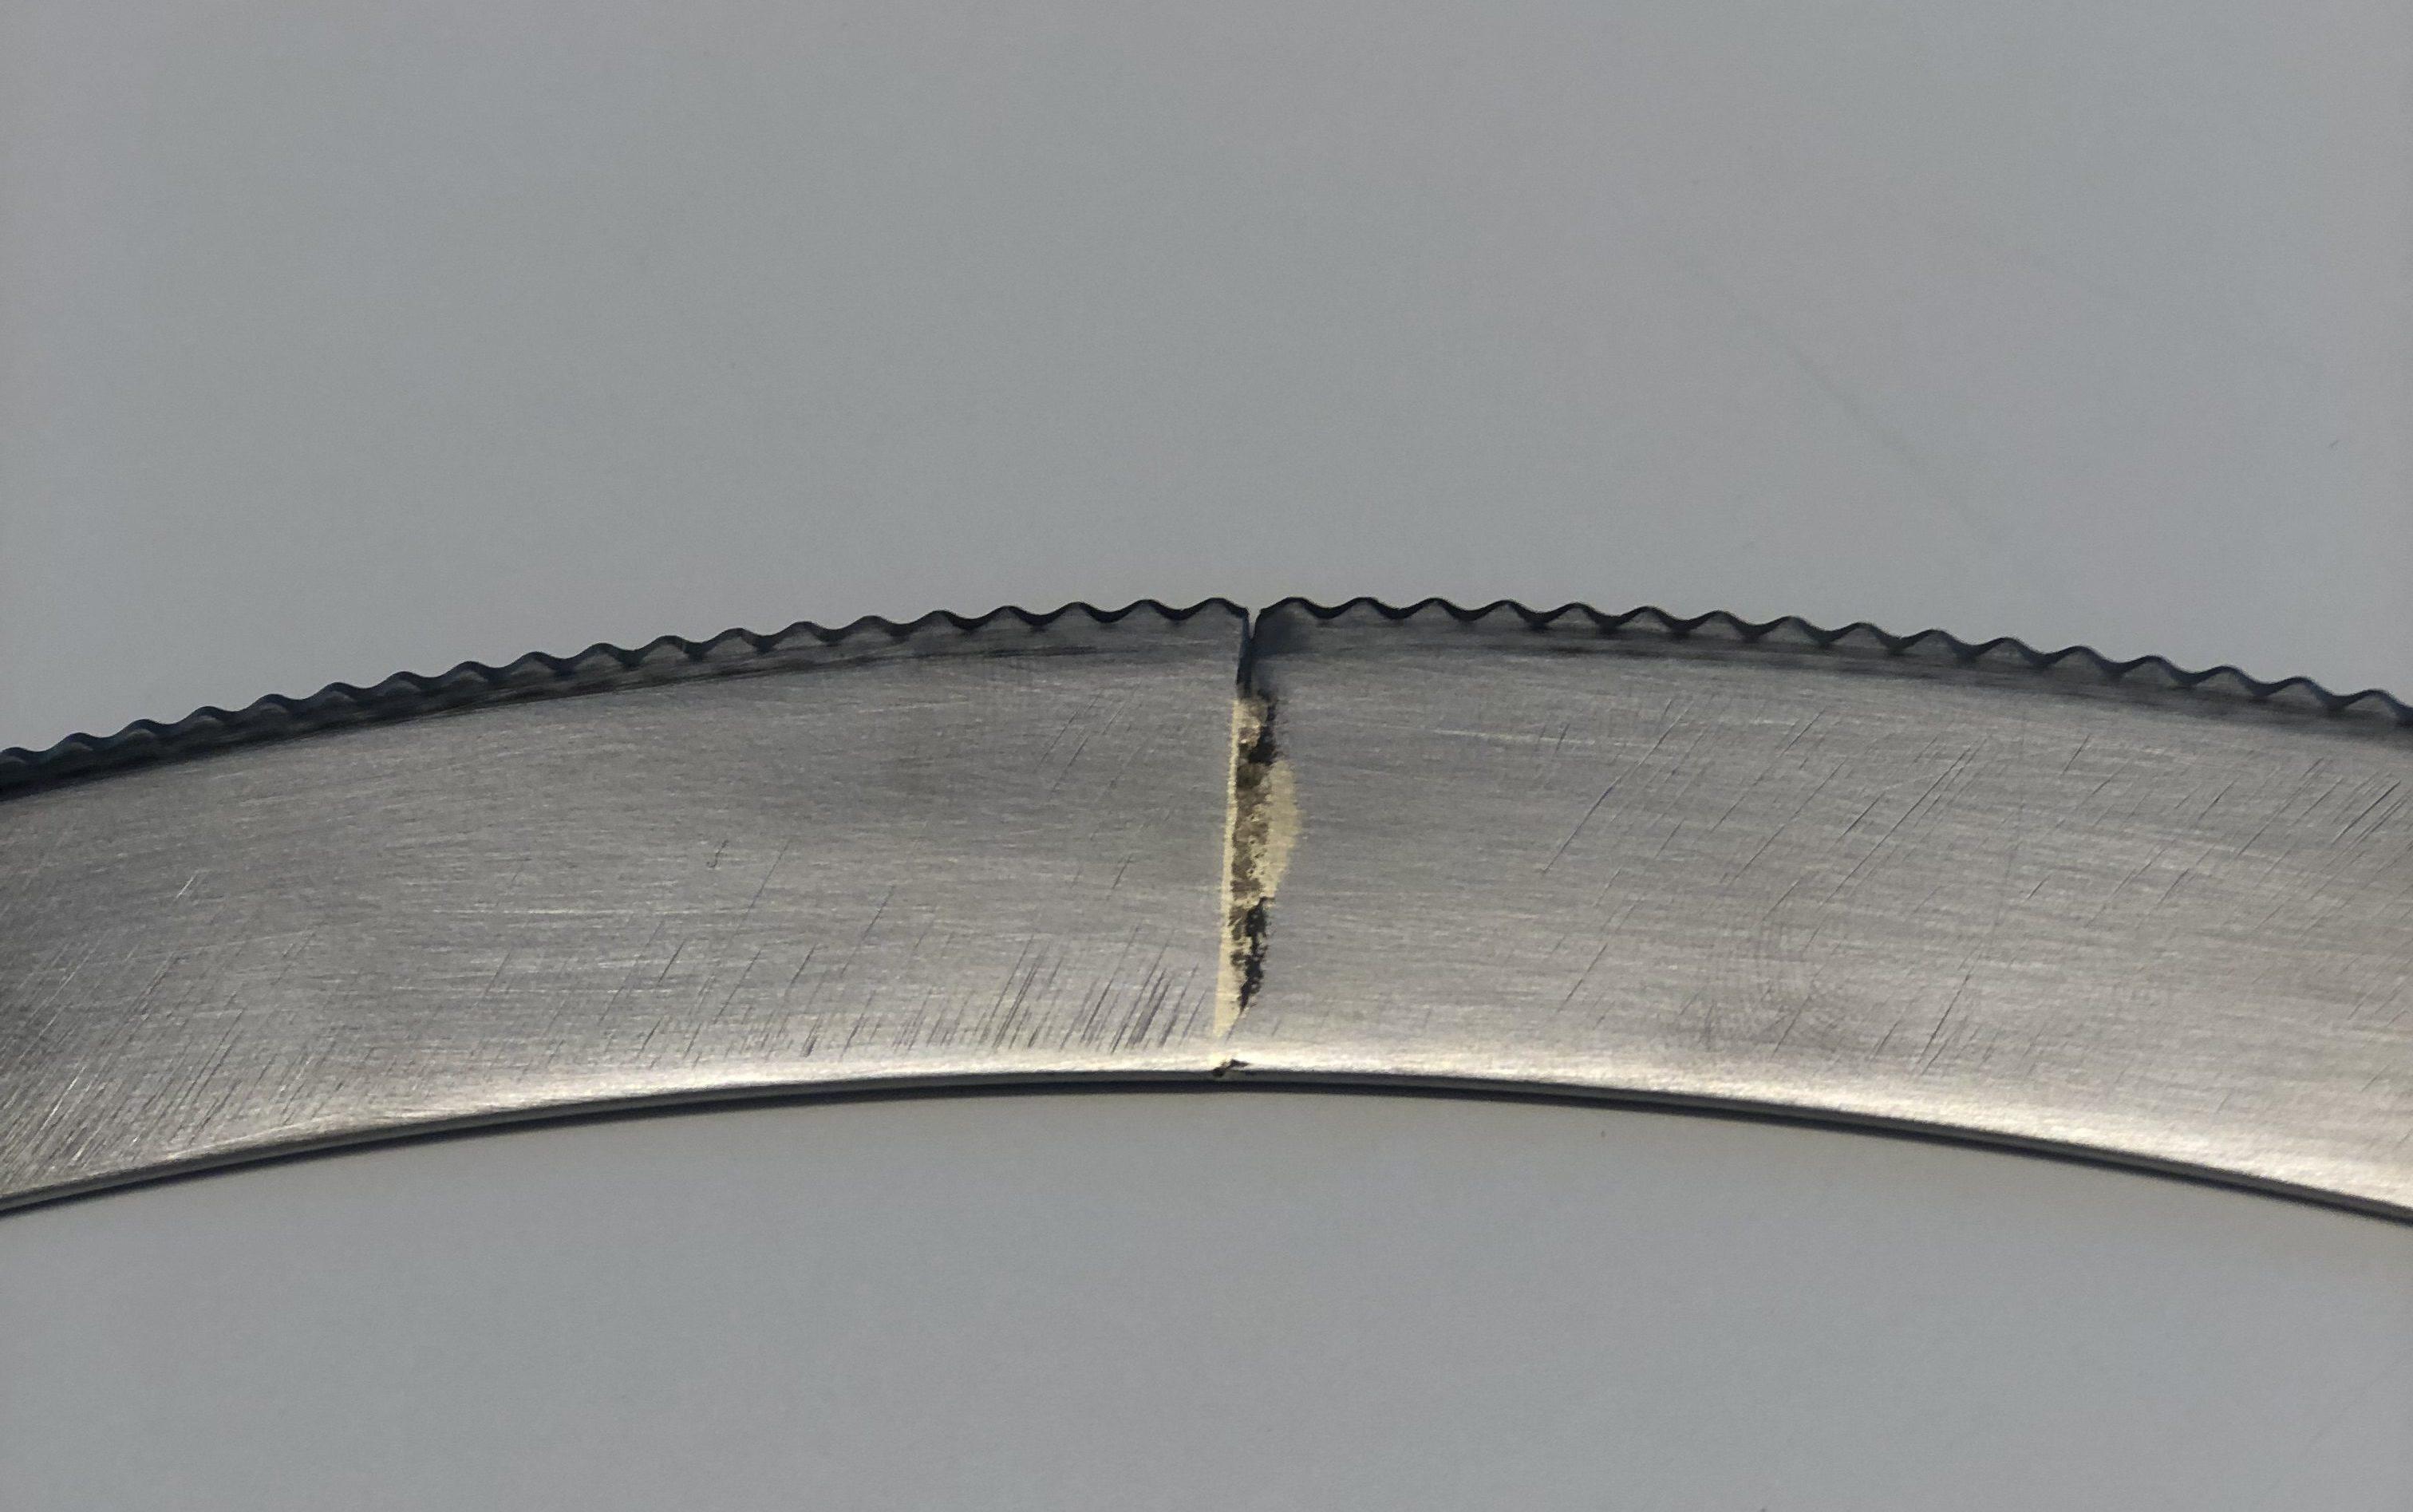 Lödsvetsad rotationskniv